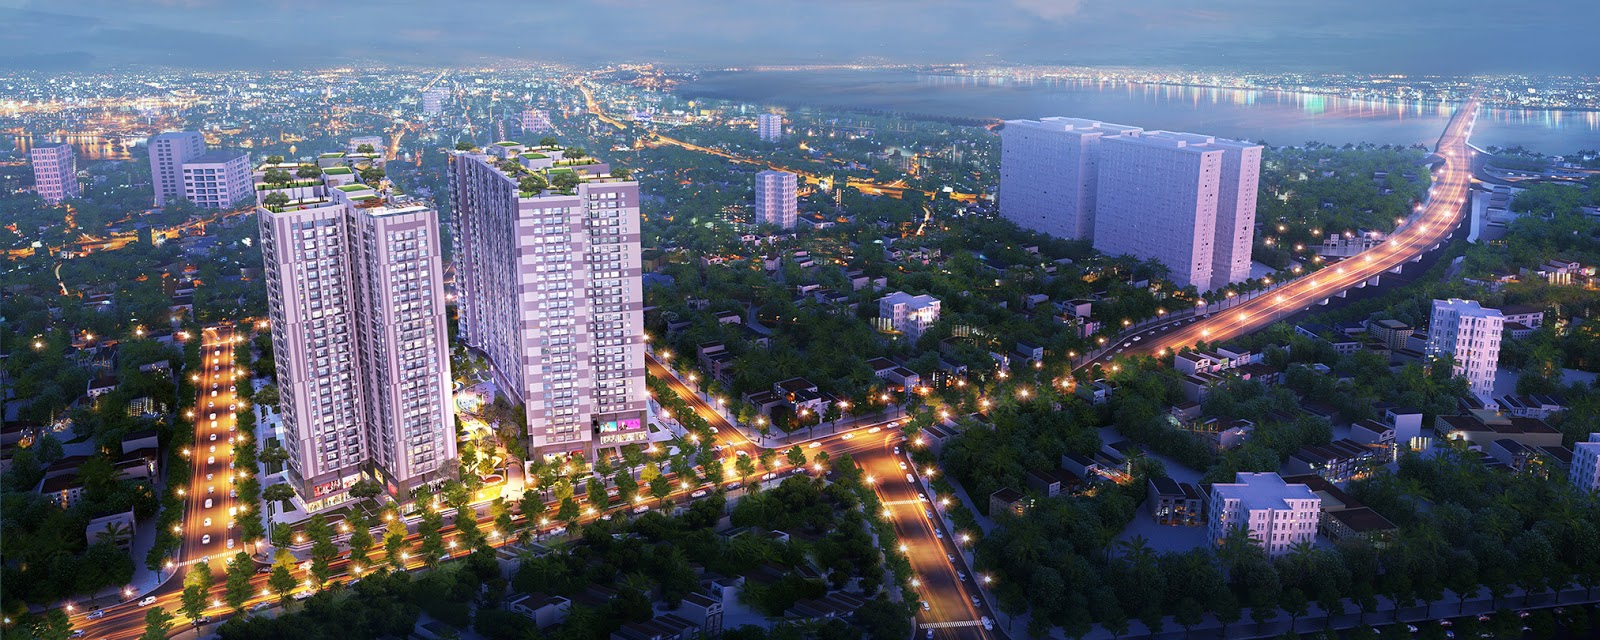 Vẻ đẹp về đêm của dự án chung cư Imperia Sky Garden Minh Khai